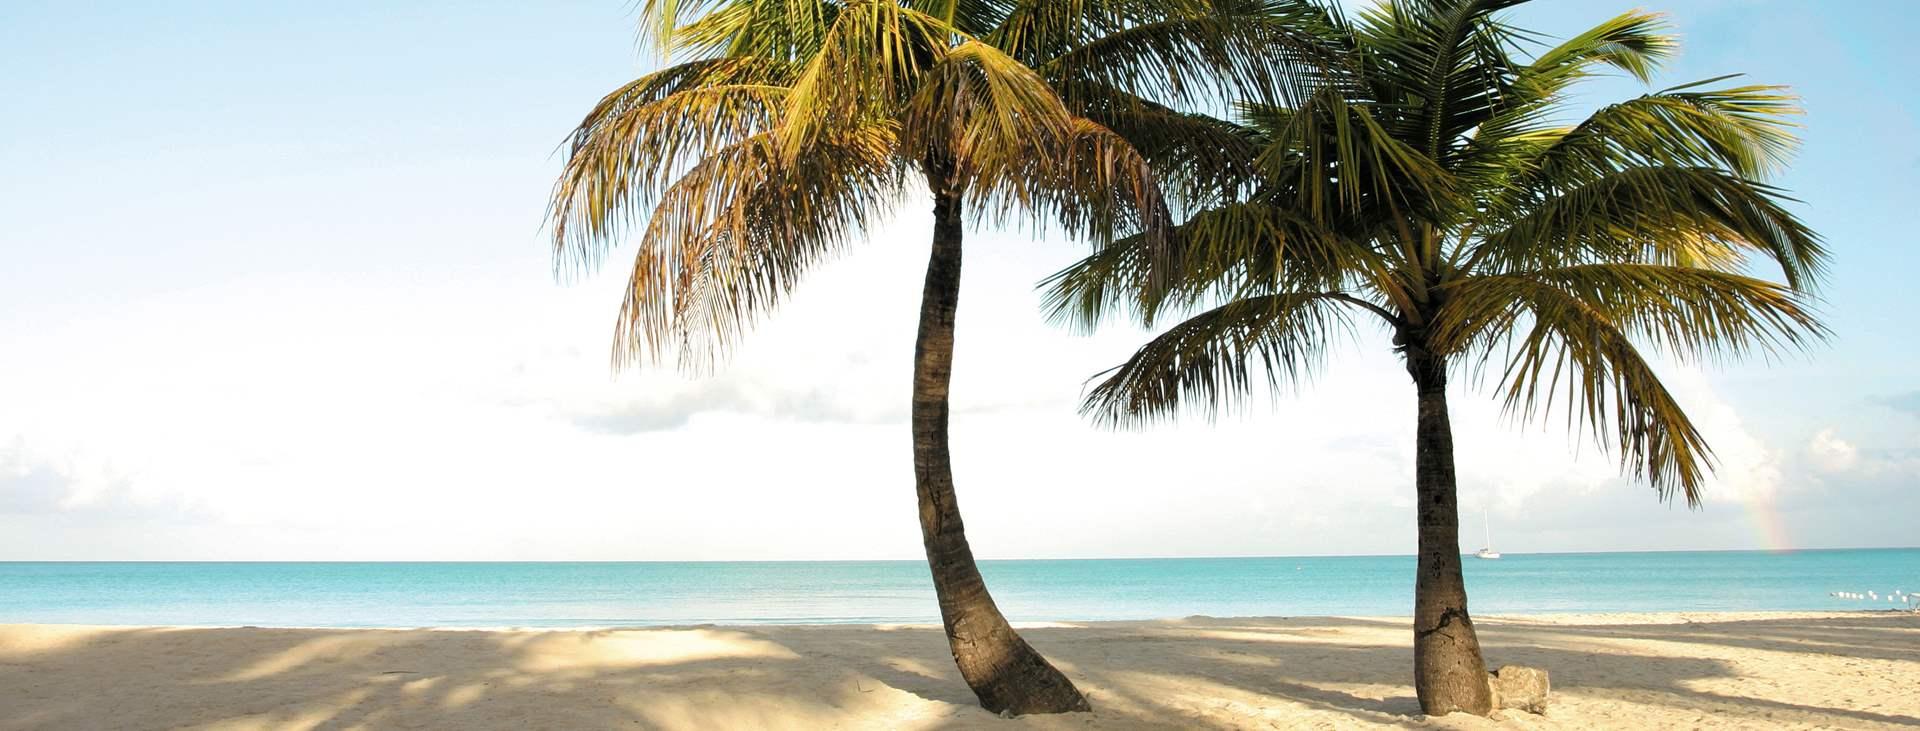 Antigua on yksi Karibian tuntemattomimmista helmistä